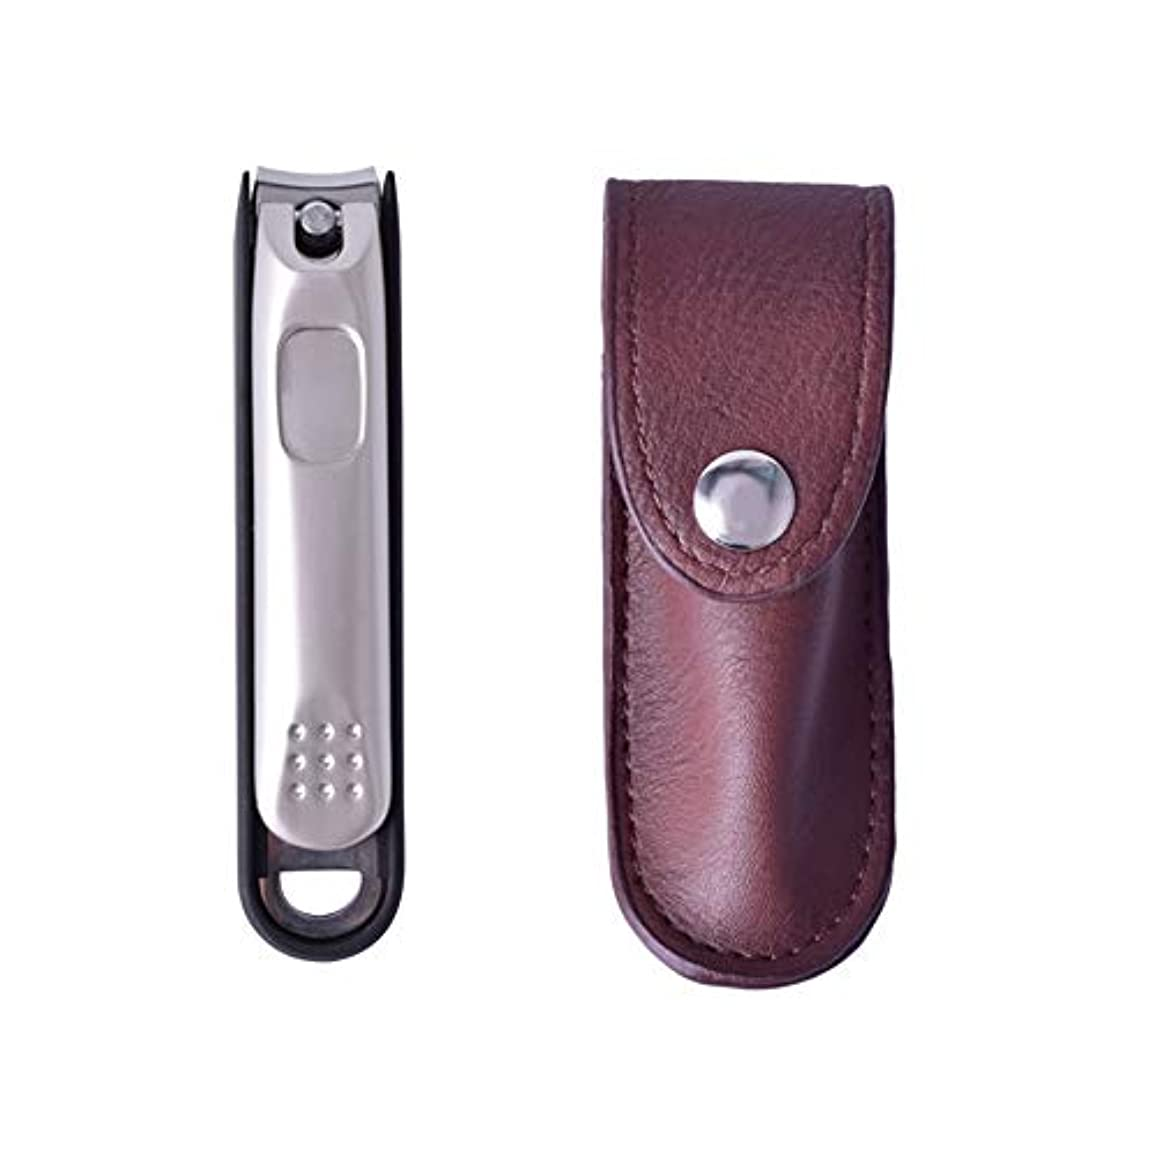 黒ピルファークックLITI 爪切り 飛び散り防止 ステンレス製 手足はがね 切れ味が良い 握りやすい コンパクト 巻き爪/硬い爪/甘皮に最適 男女兼用